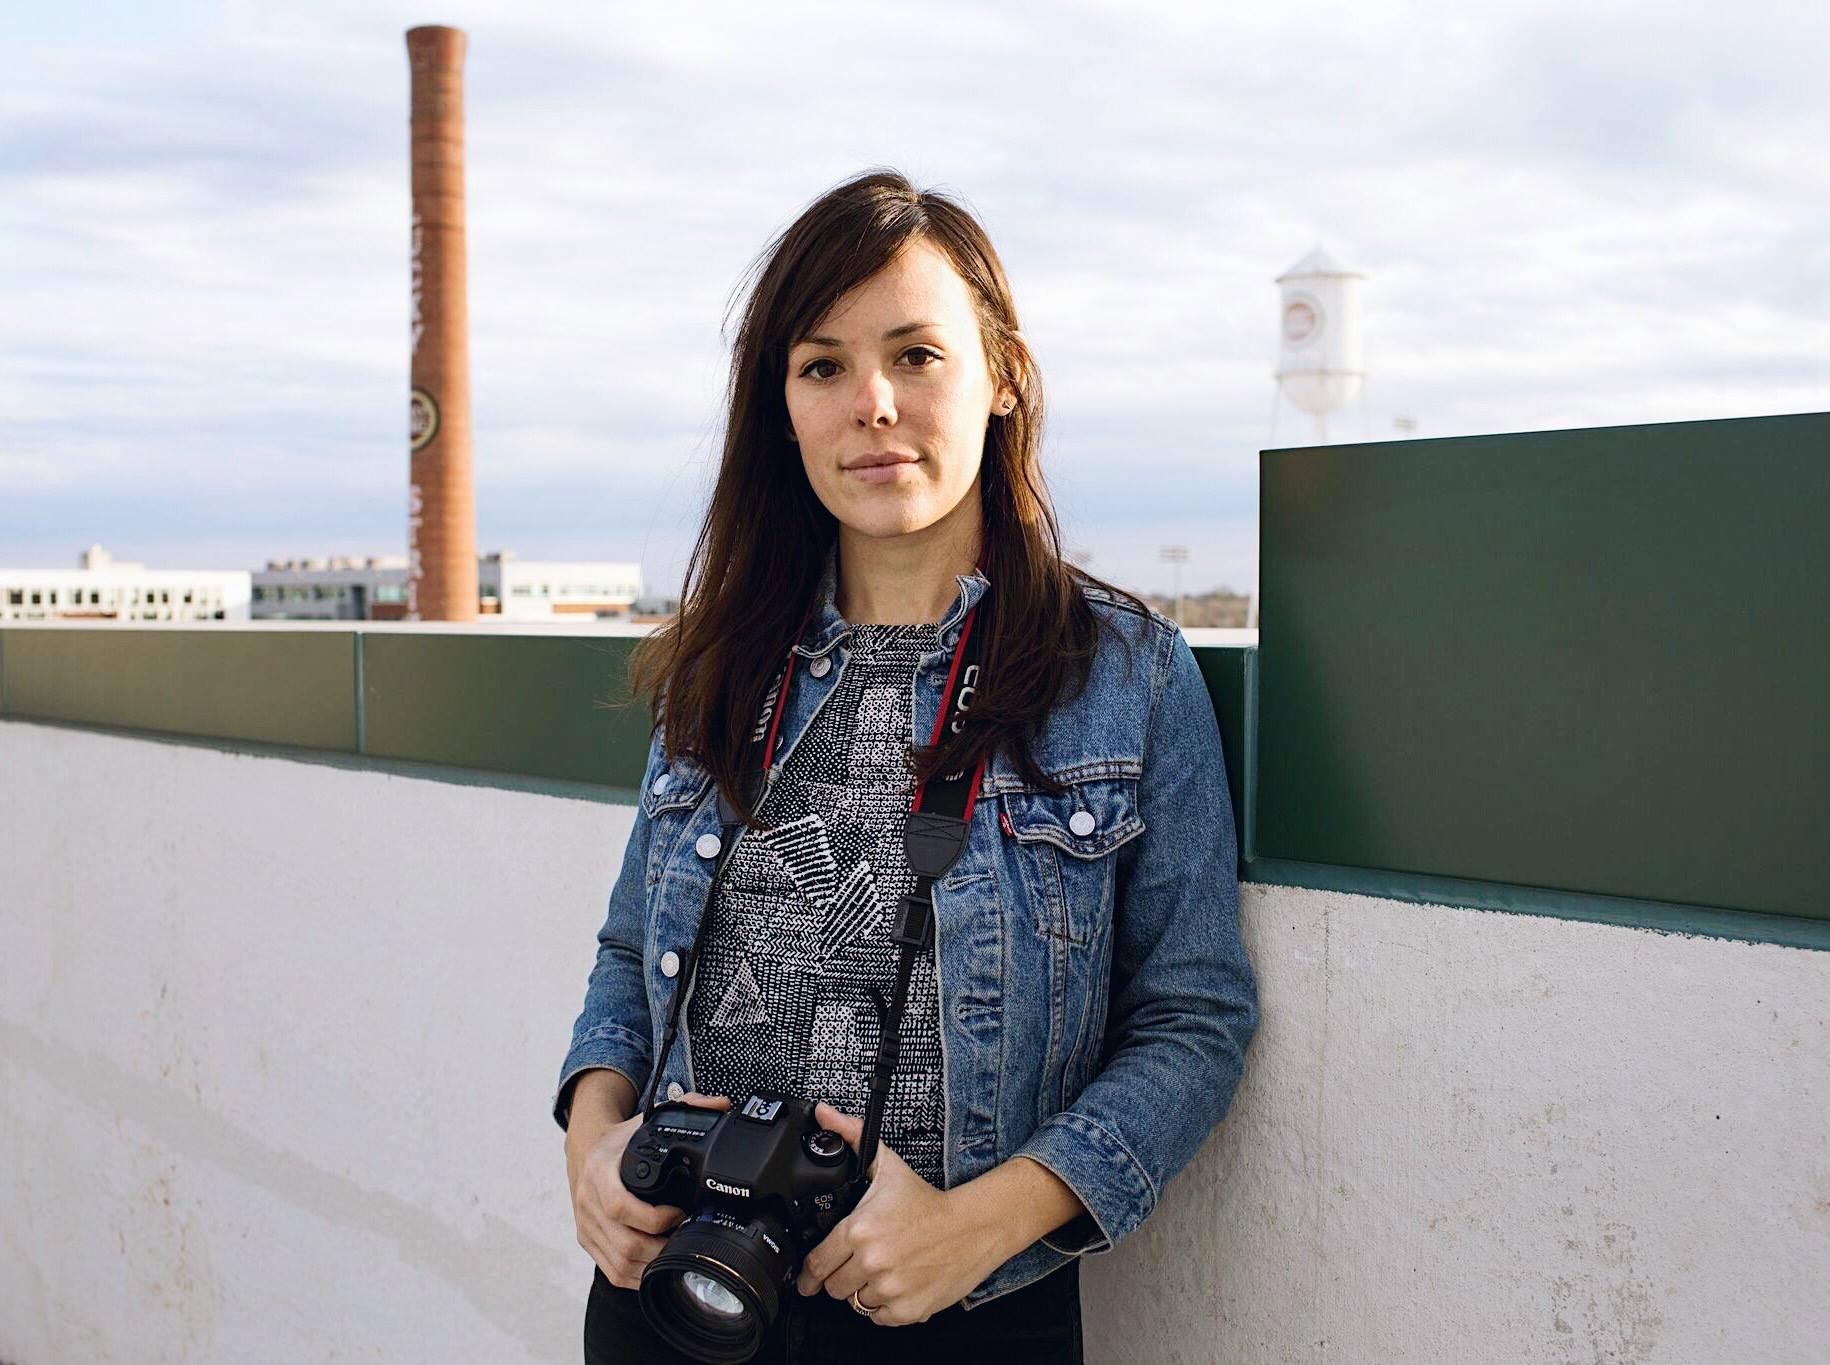 DIRECTORA, PRODUCTORA, EDITORIAL / Pilar Timpane   Pilar es una directora de cine que radica en Durham, NC. Ella ha servido como productora asociada y editora del premiado documental de oceanografía ATLANTIC CROSSING: A ROBOT'S DARING MISSION, cual fue estrenado en el Auditorio Baird del Museo Smithsonian en el 2010 y fue exhibido durante dos años en el auditorio Sant Ocean. El documental ATLANTIC CROSSING también fue proyectado alrededor del país a través de festivales y el canal de televisión de PBS. Sus obras han aparecido en prestigiosas revistas como The Atlantic, Scientific American, The Economist, MSNBC.com, The Financial Times y otros. Pilar cursó sus estudios en la Universidad Rutgers y tiene una maestría de Duke Divinity School. Sus estudios de posgrado se enfocaron en analizar la conección entre imagénes y la ética a través de un lente teológico y artístico. Sus obras se han basado en el área de Latinoamérica como también con los temas de inmigración, religión, y la vida de las mujeres. Actualmente, esta produciendo el documental THE LAST PARTERA, el cuál ha sido apoyado por Big Sky Pitch y el Fondo de Documentales Sureño (Southern Documentary Fund).